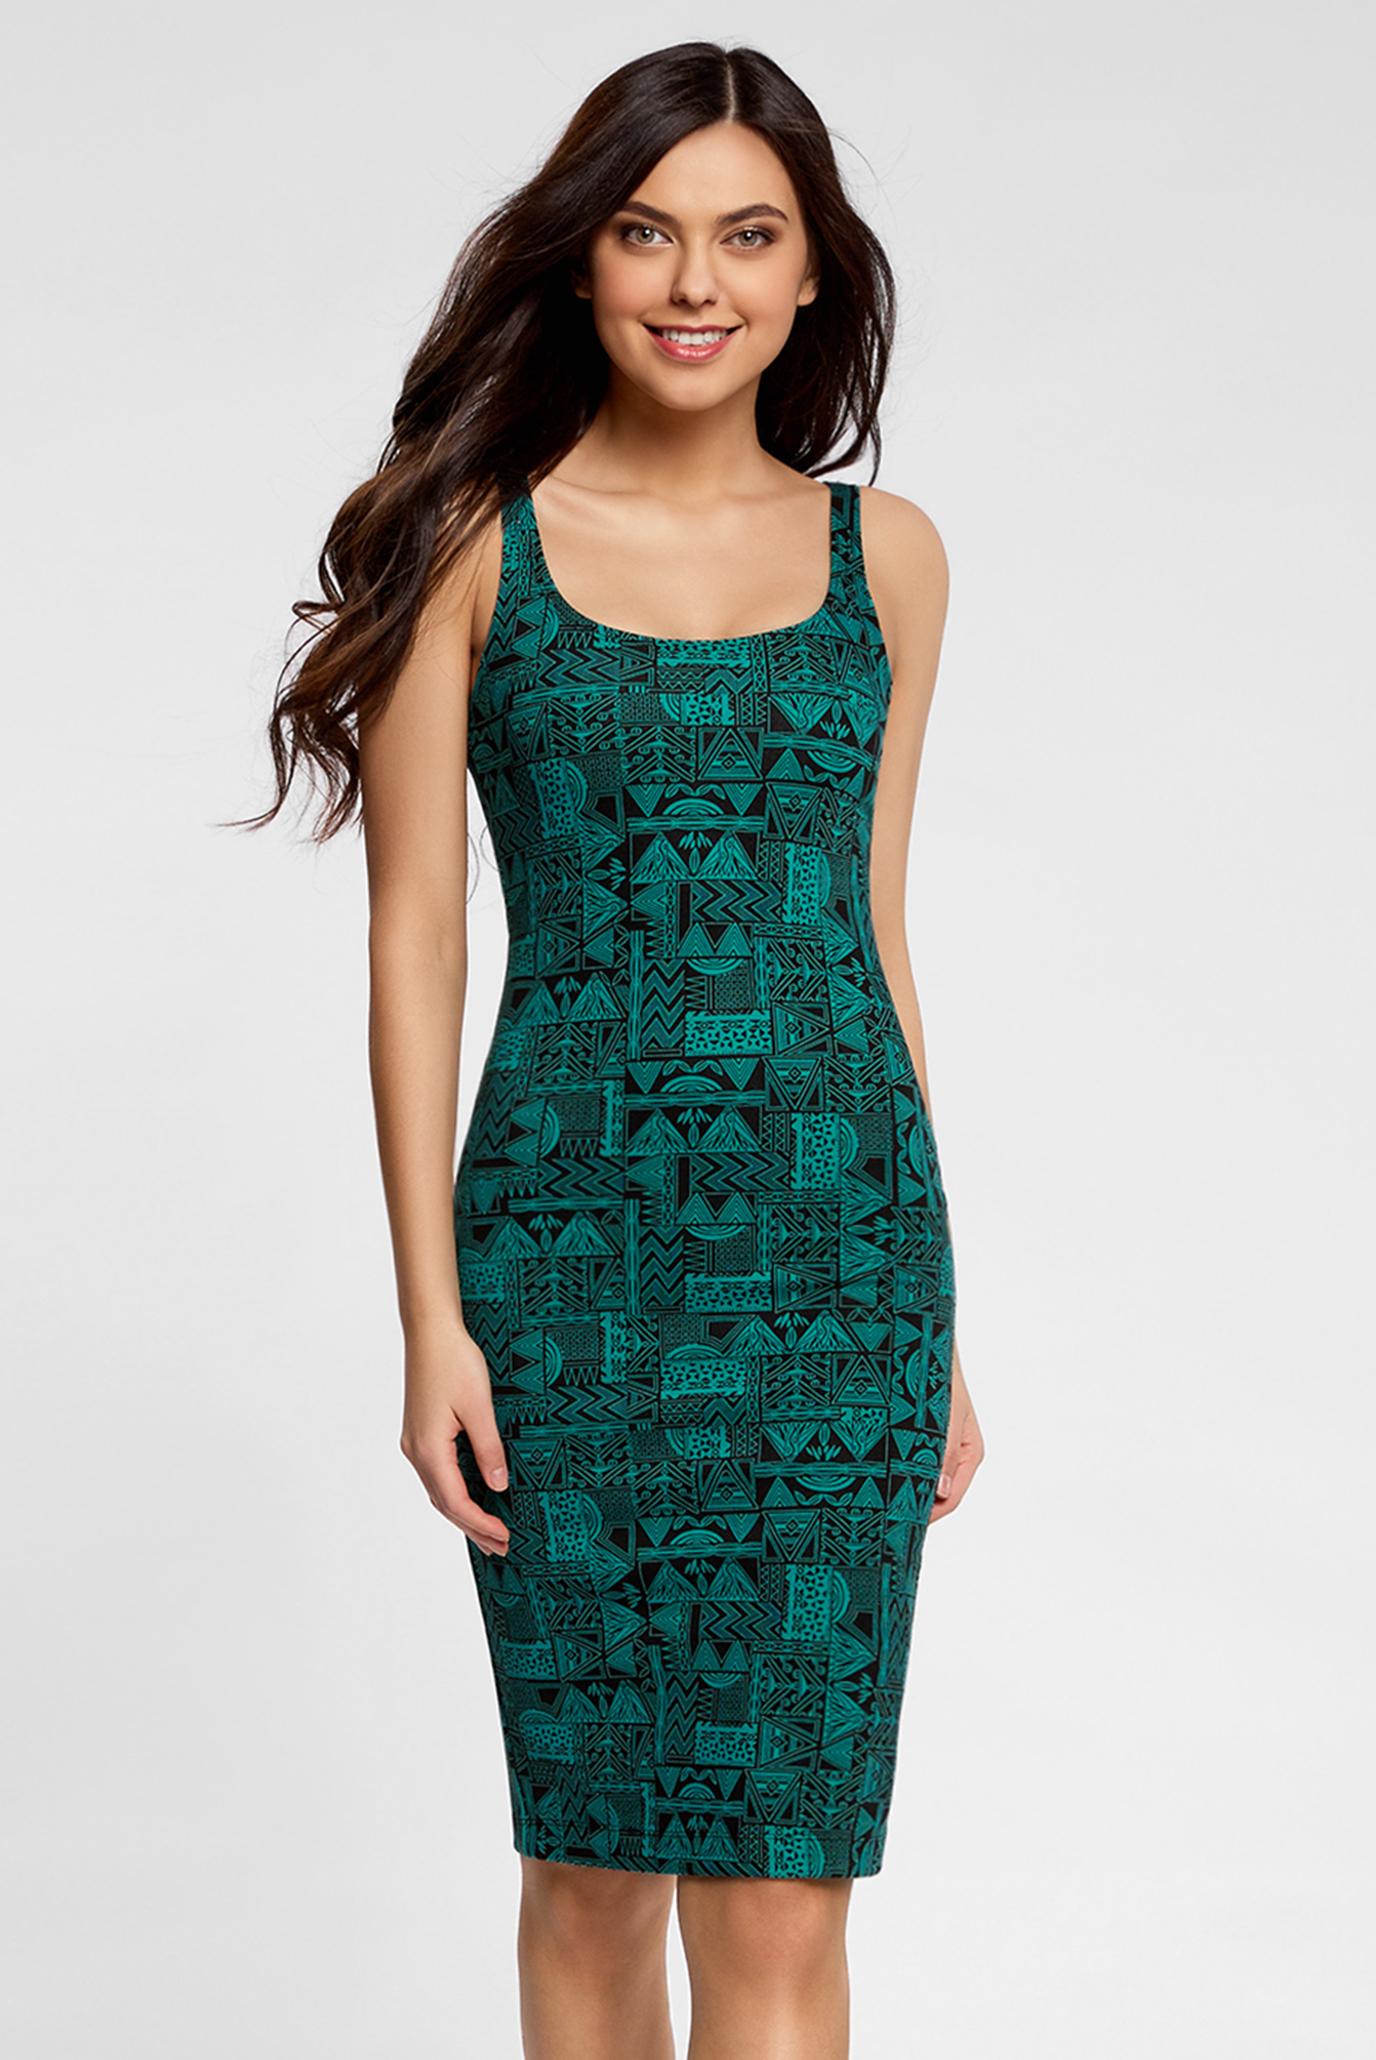 Купить Женское зеленое платье на тонких бретелях Oodji Oodji  14015007-3M 37809 296DG – Киев, Украина. Цены ... 883c5ac6b13